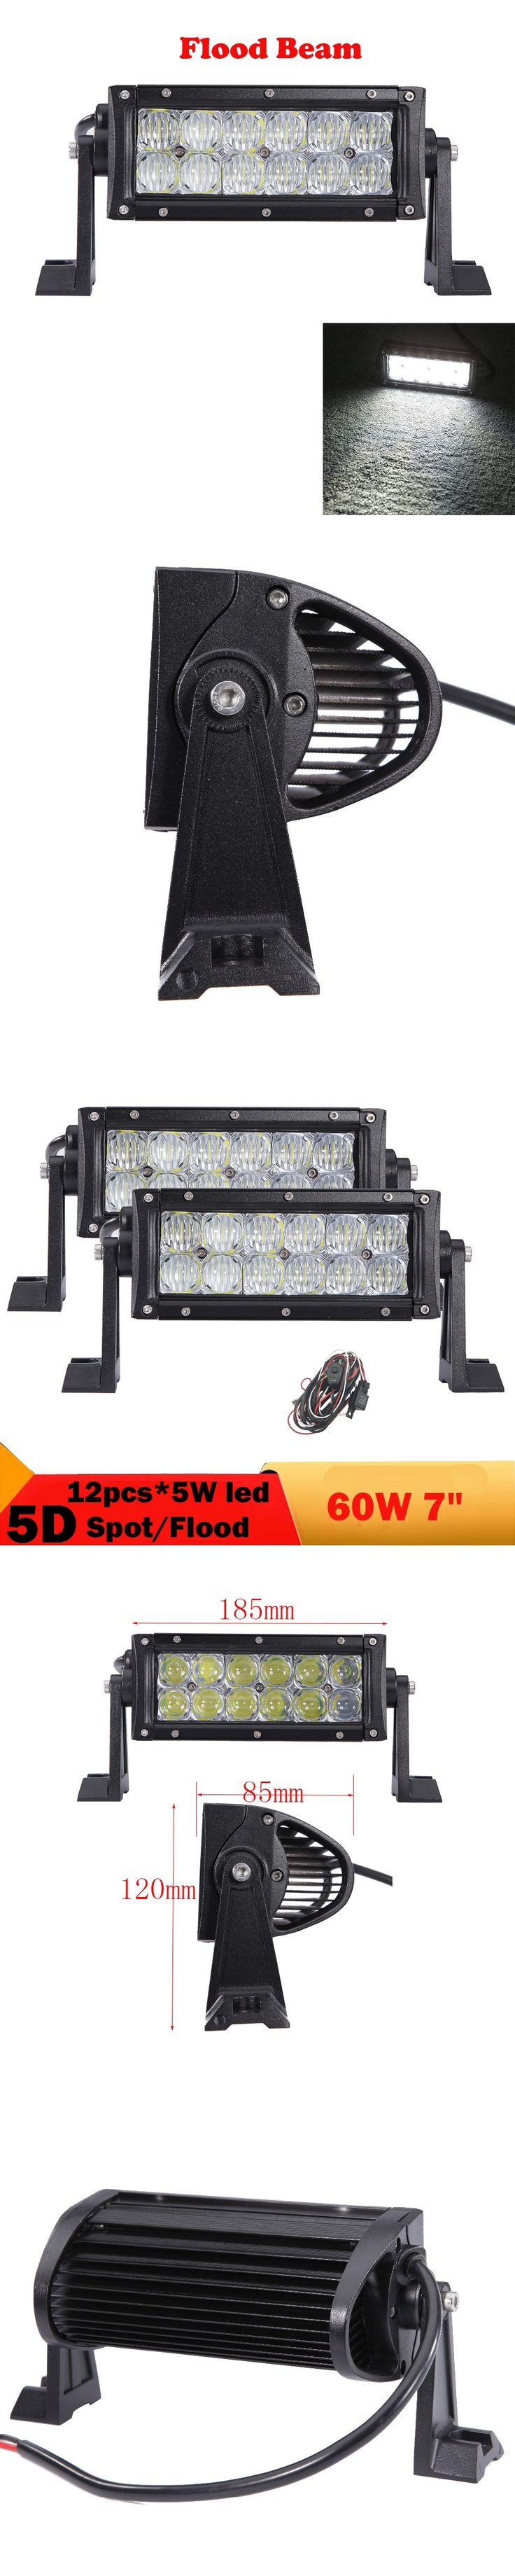 2 PCS 5D 60W Offroad LED Work Light Bar For Truck Boat Bus ATV UTB UTV 4WD 4X4 Offroad Led Driving Headlight Fog Lamp 12V 24V